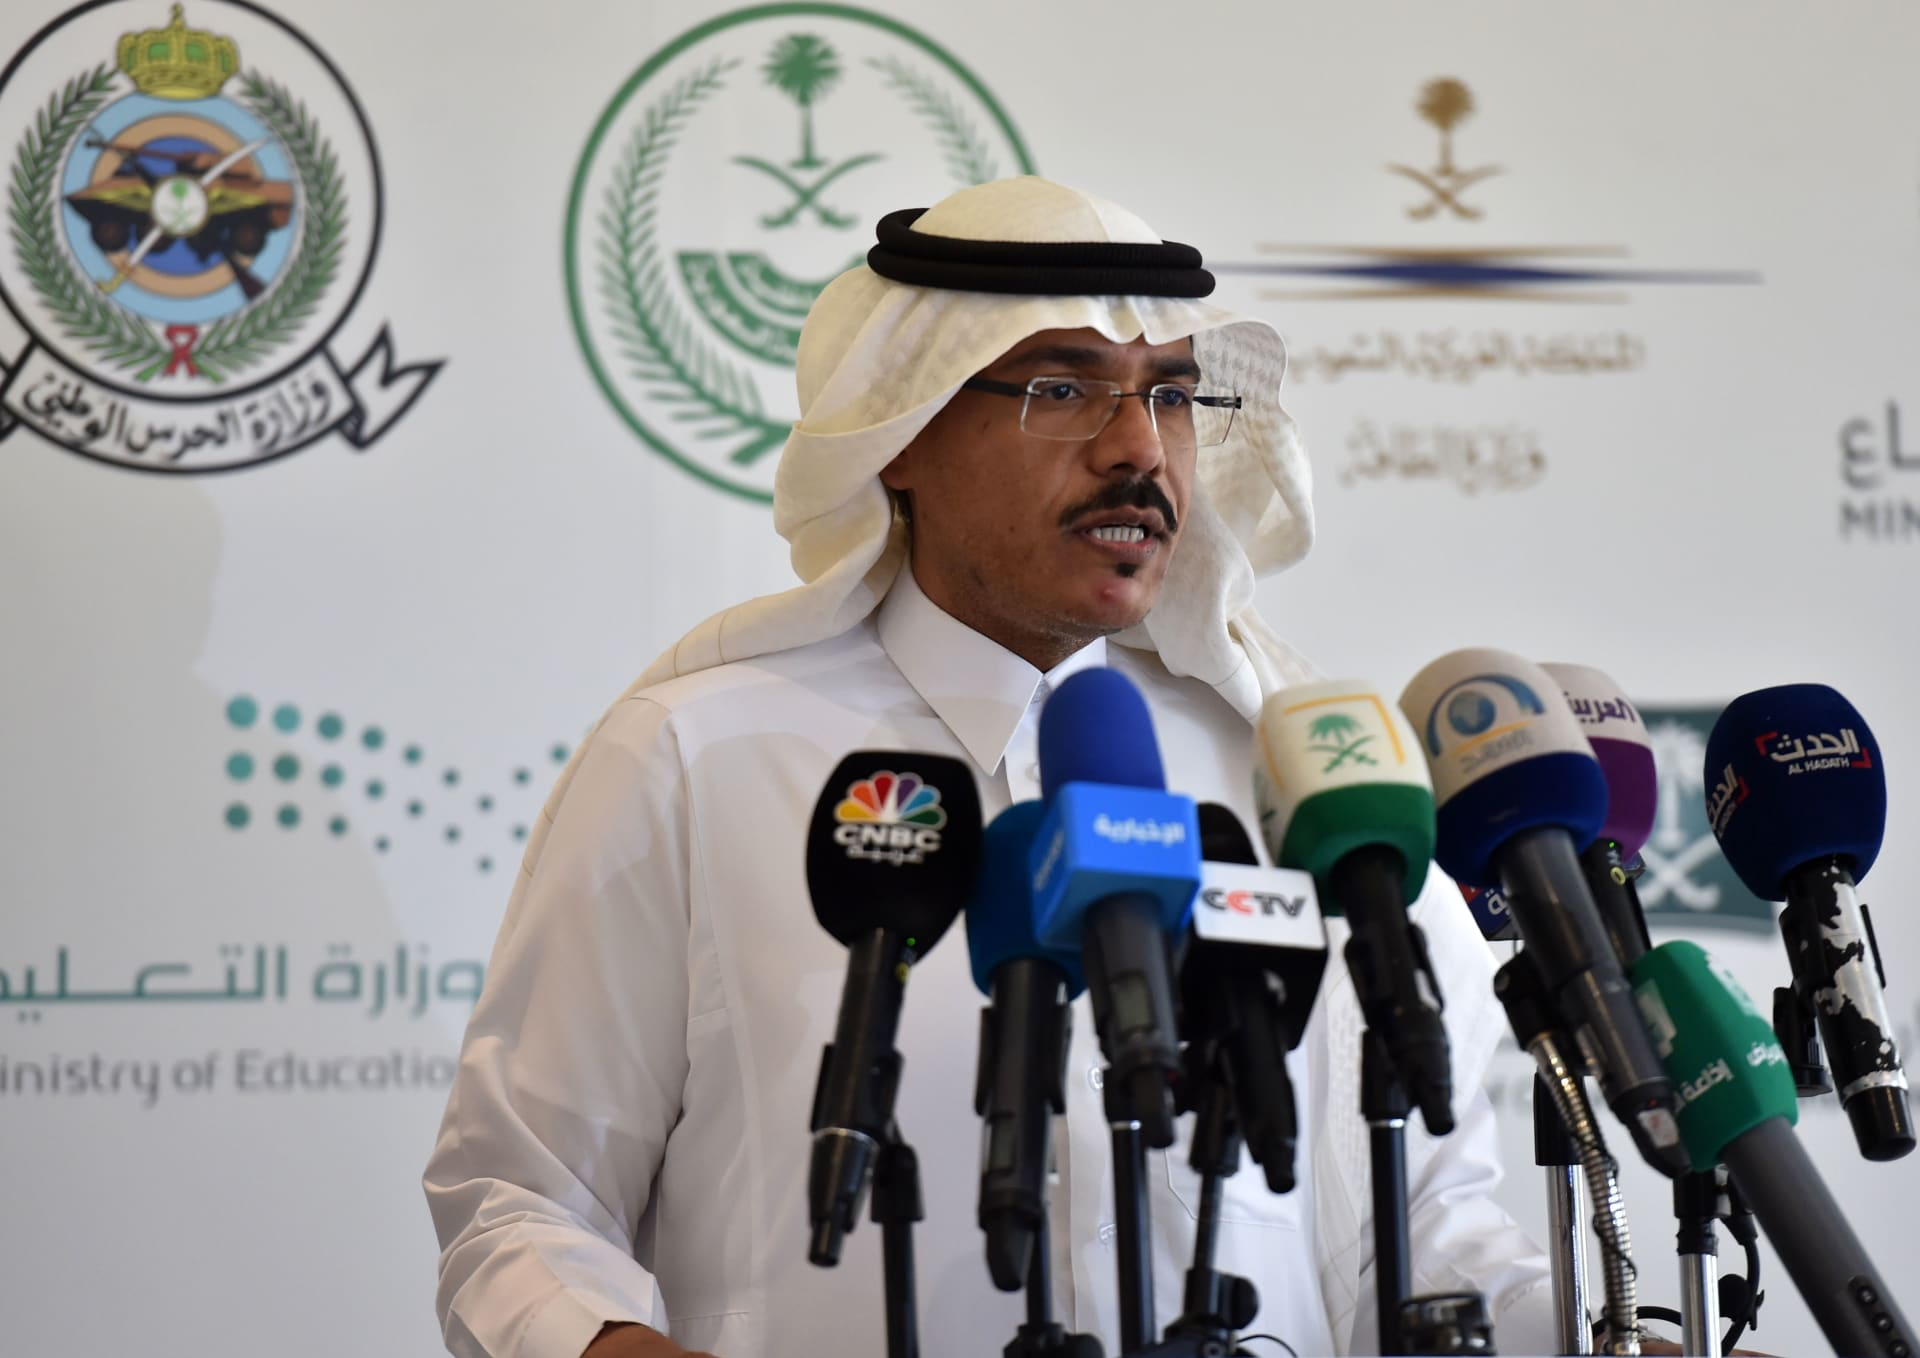 متى تعود الرحلات الدولية إلى السعودية؟.. مُتحدث الصحة يرد